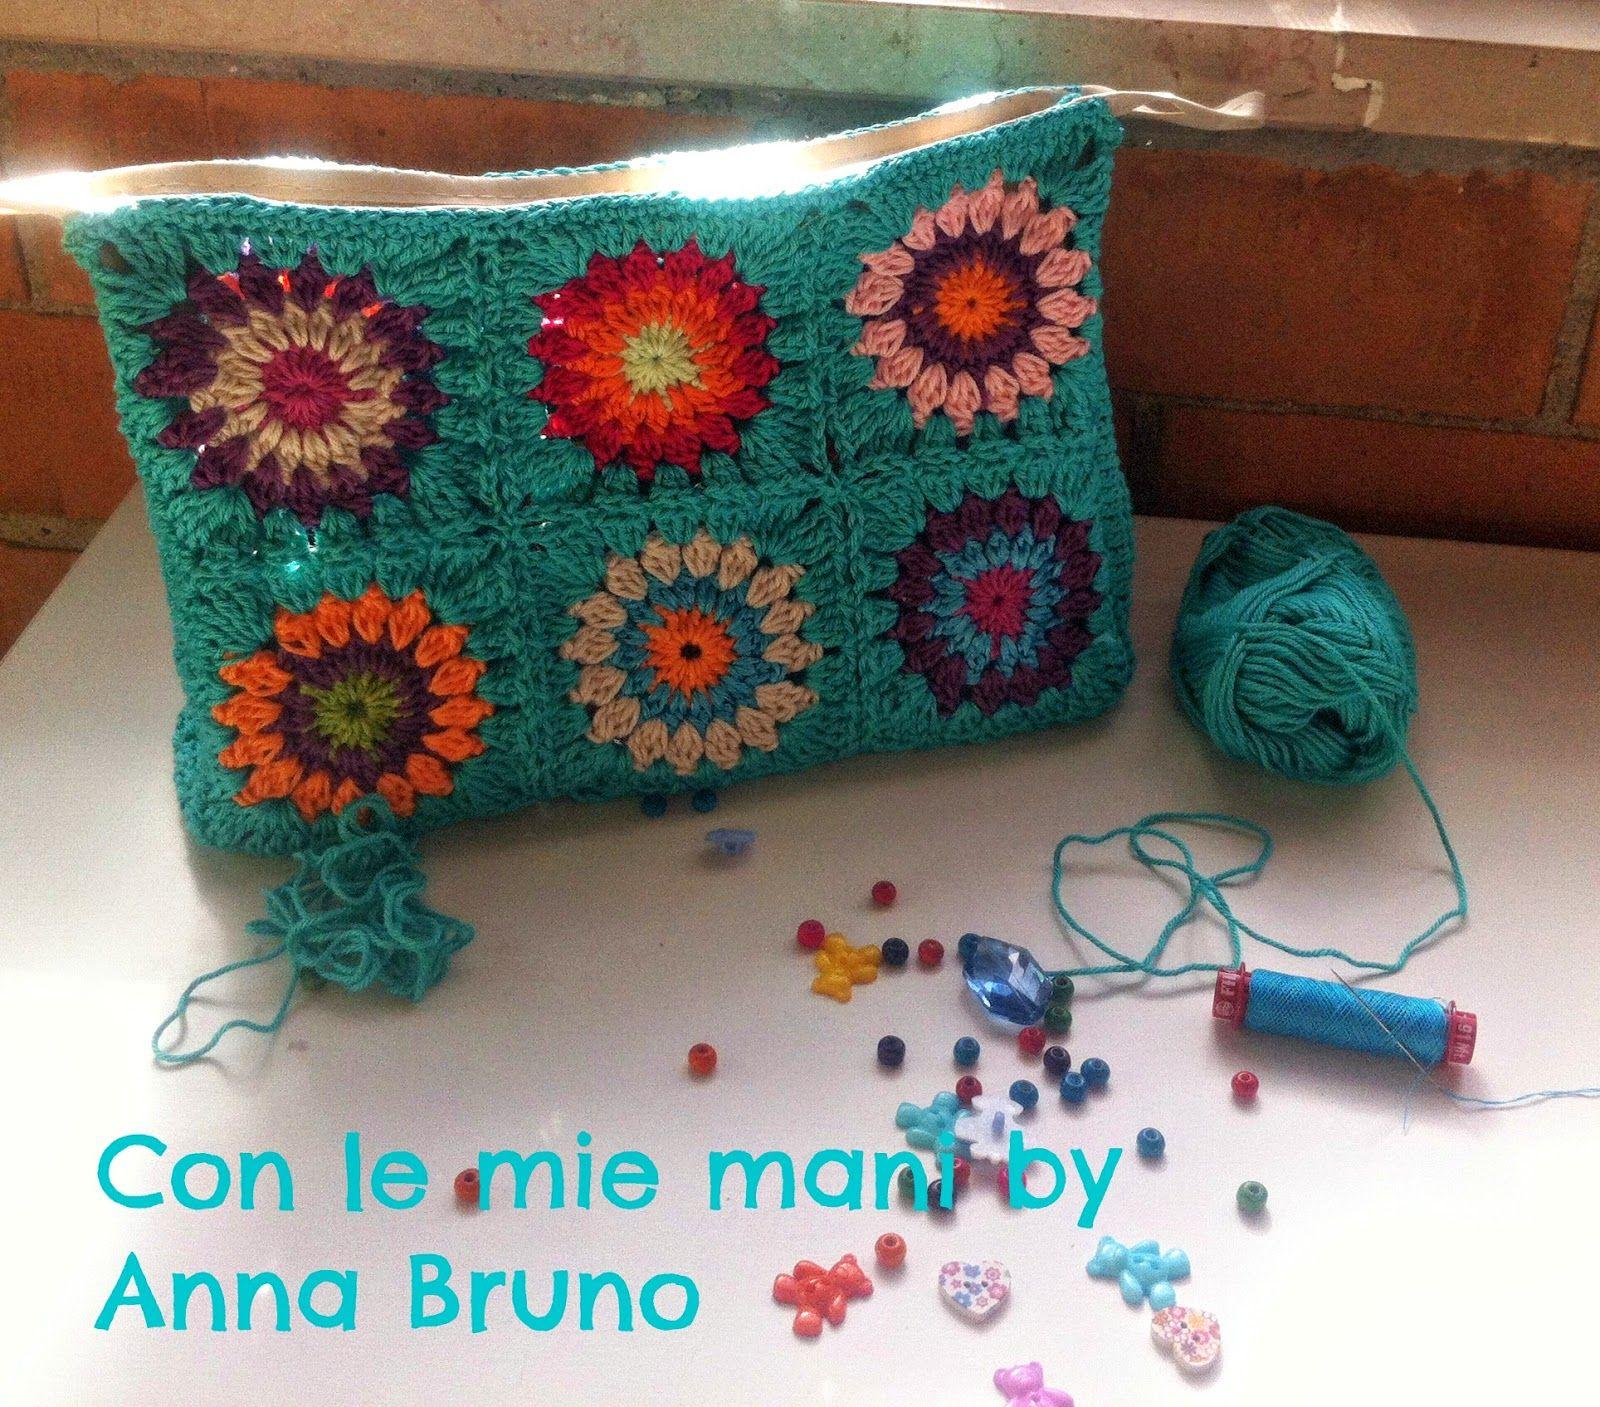 Con le mie mani by Anna Bruno: tutorial pochette crochet | borse ...